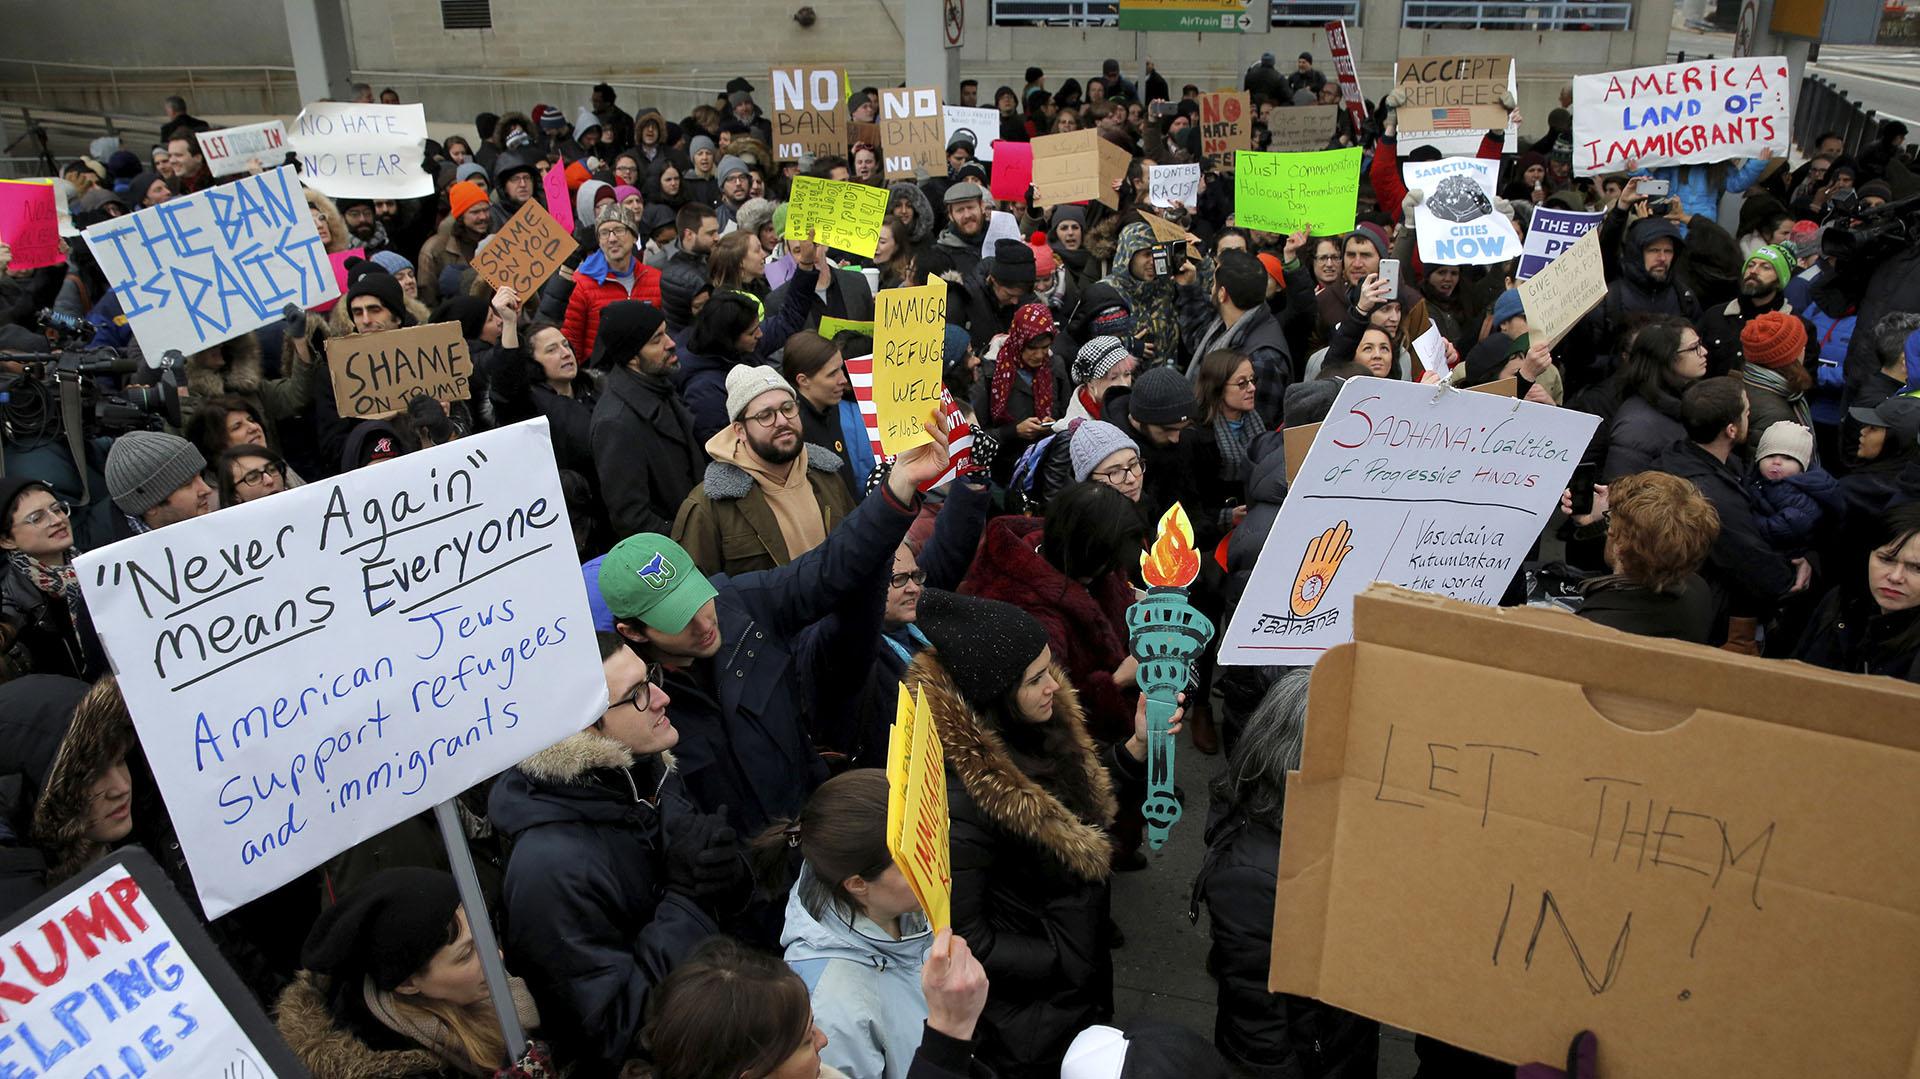 Protesta contra la prohibición al ingreso de musulmanes en el Aeropuerto JFK (Reuters)